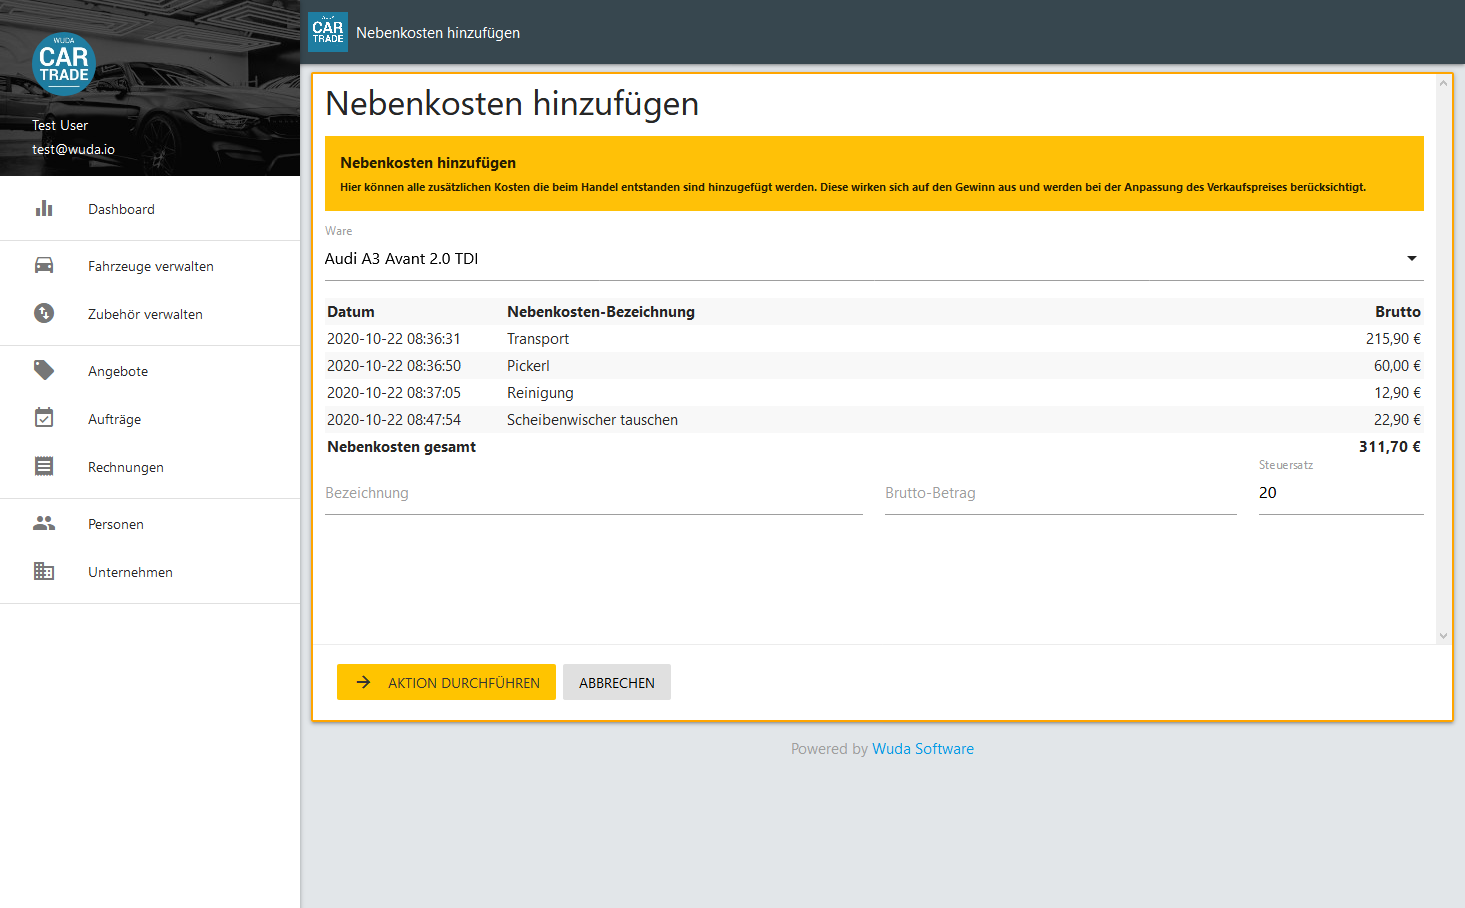 Screenshot von CarTrade Nebenkosten